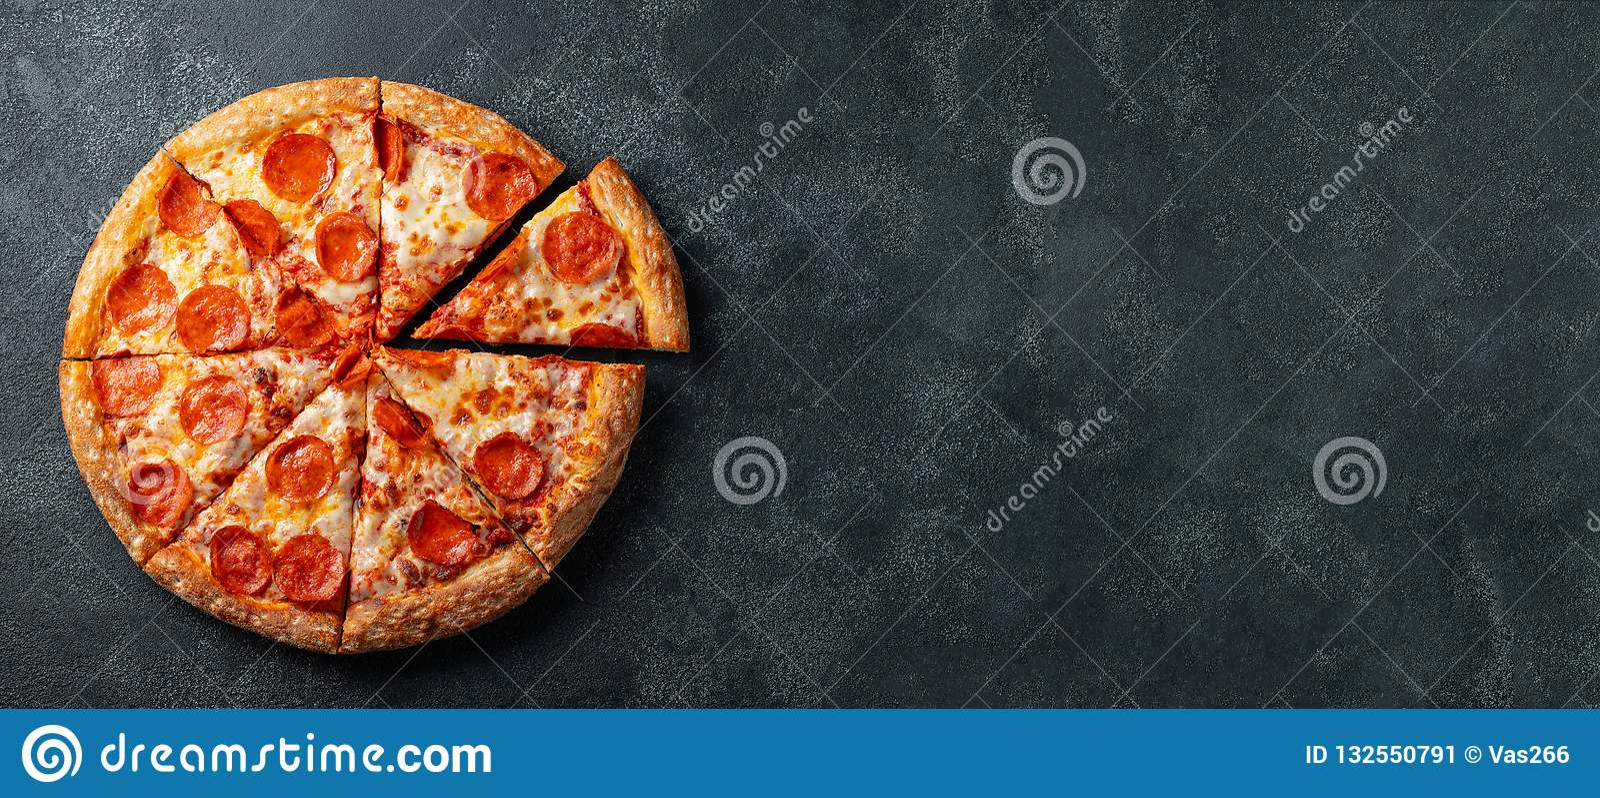 Вкусная пицца pepperoni и варить базилик томатов ингридиентов на черной конкретной предпосылке Взгляд сверху горячей пиццы pepper